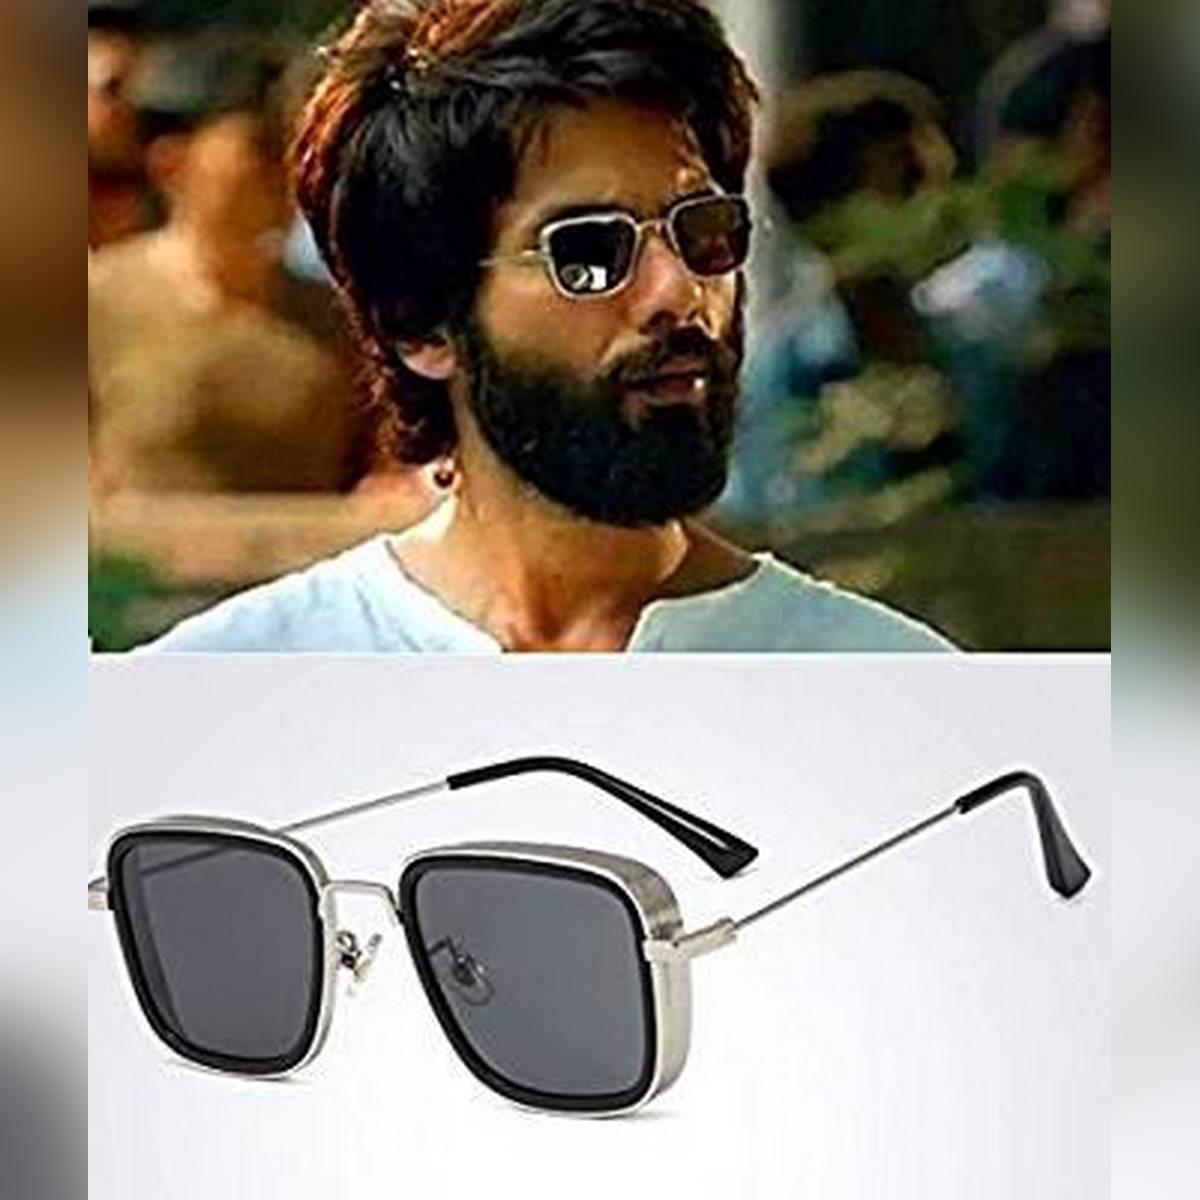 Men Retro Sunglasses Silver Body Padded Shahid Kapoor inspired Kabir Singh moive Glasses